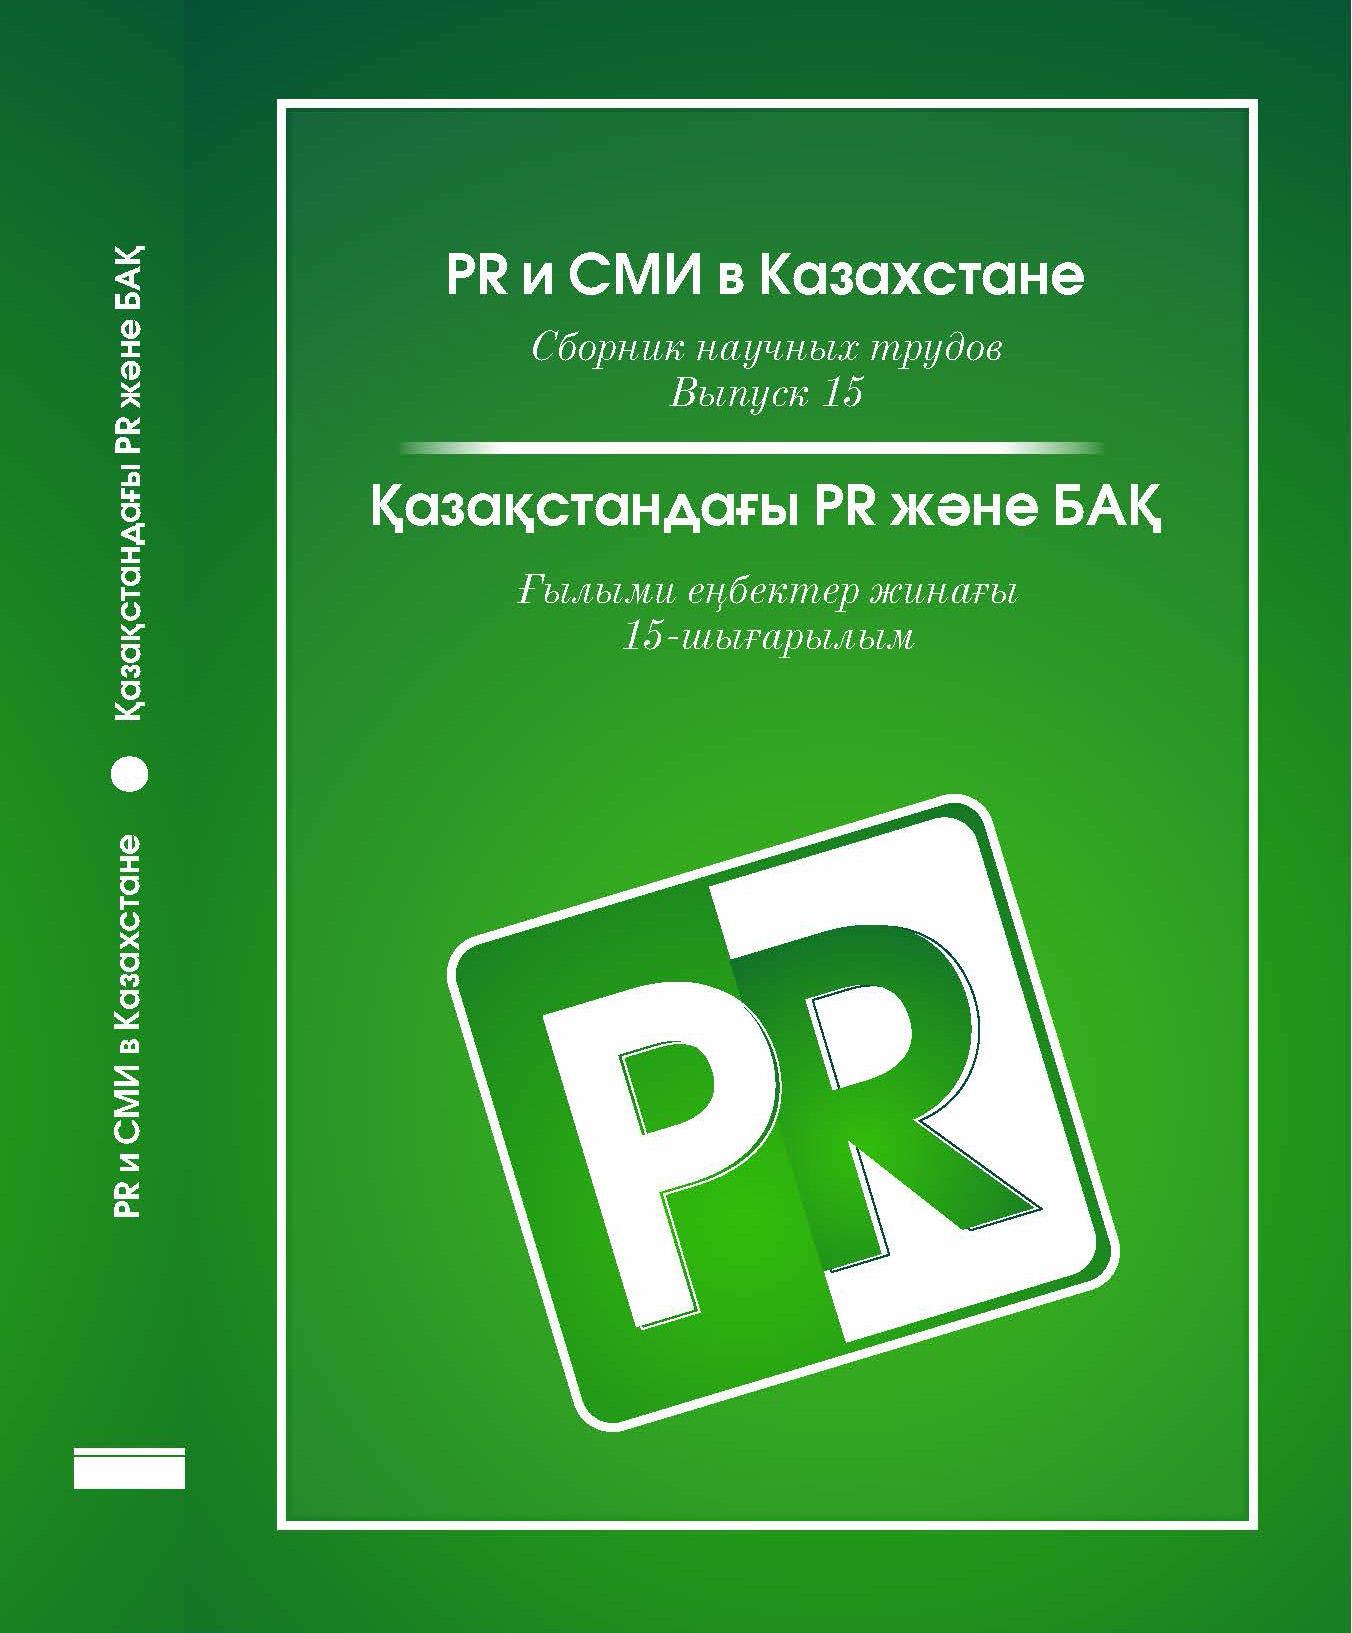 Картинки по запросу PR И СМИ В КАЗАХСТАНЕ